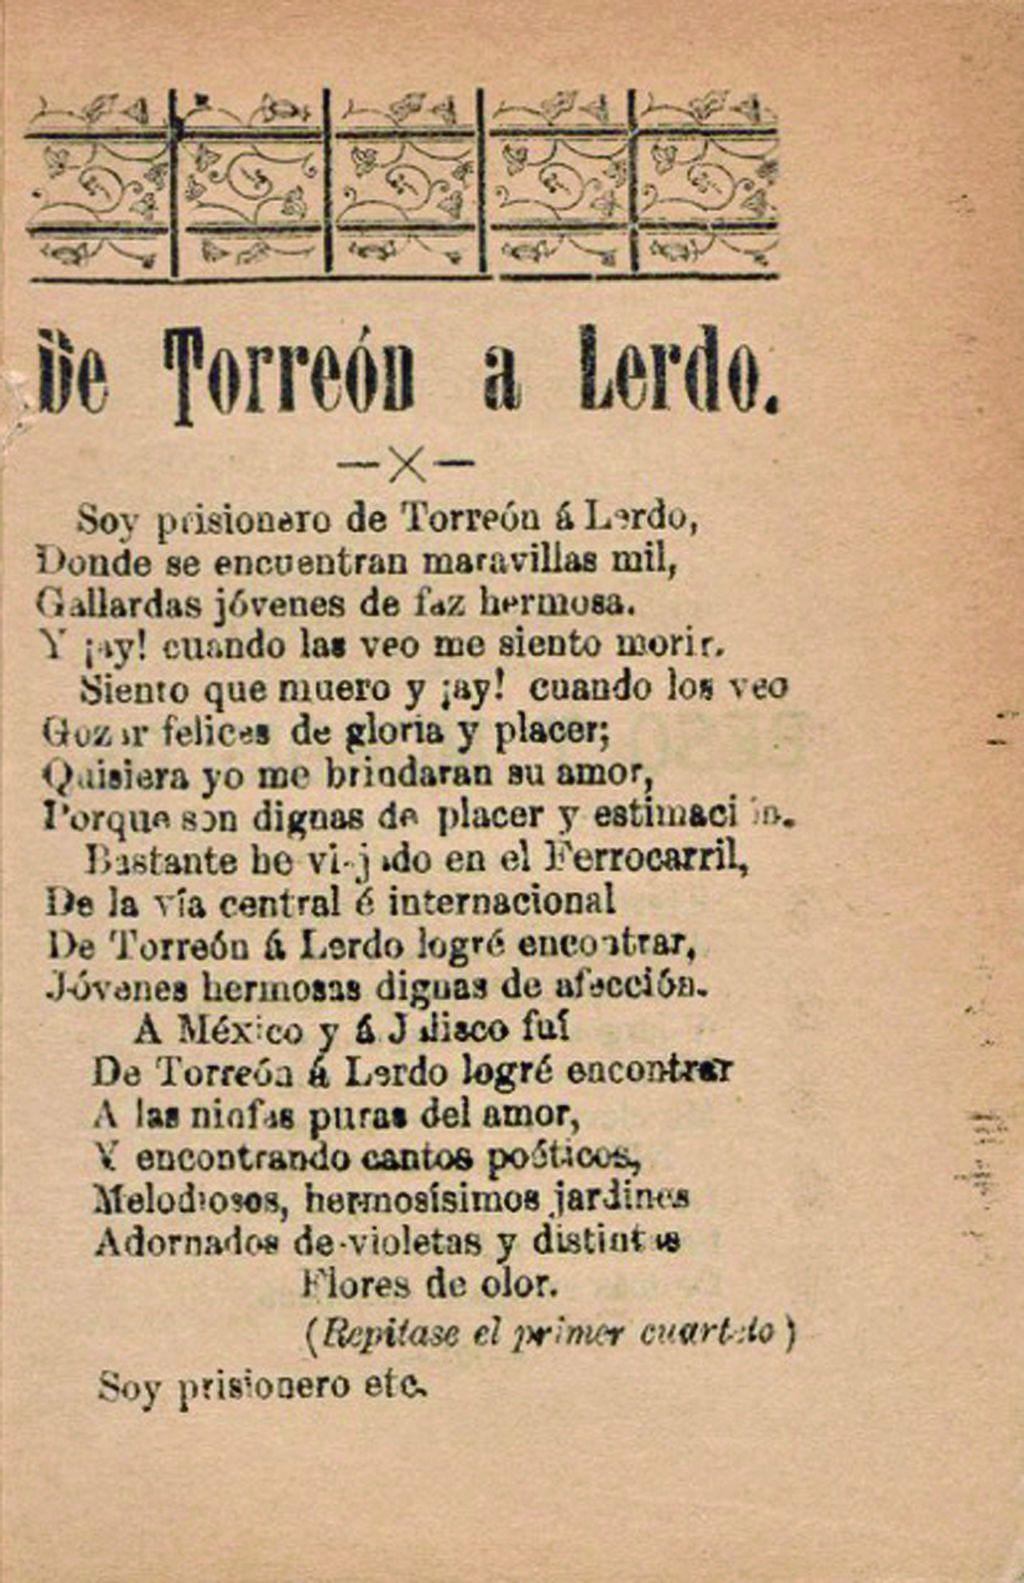 ¿De Torreón a Lerdo o de Lerdo a Torreón?